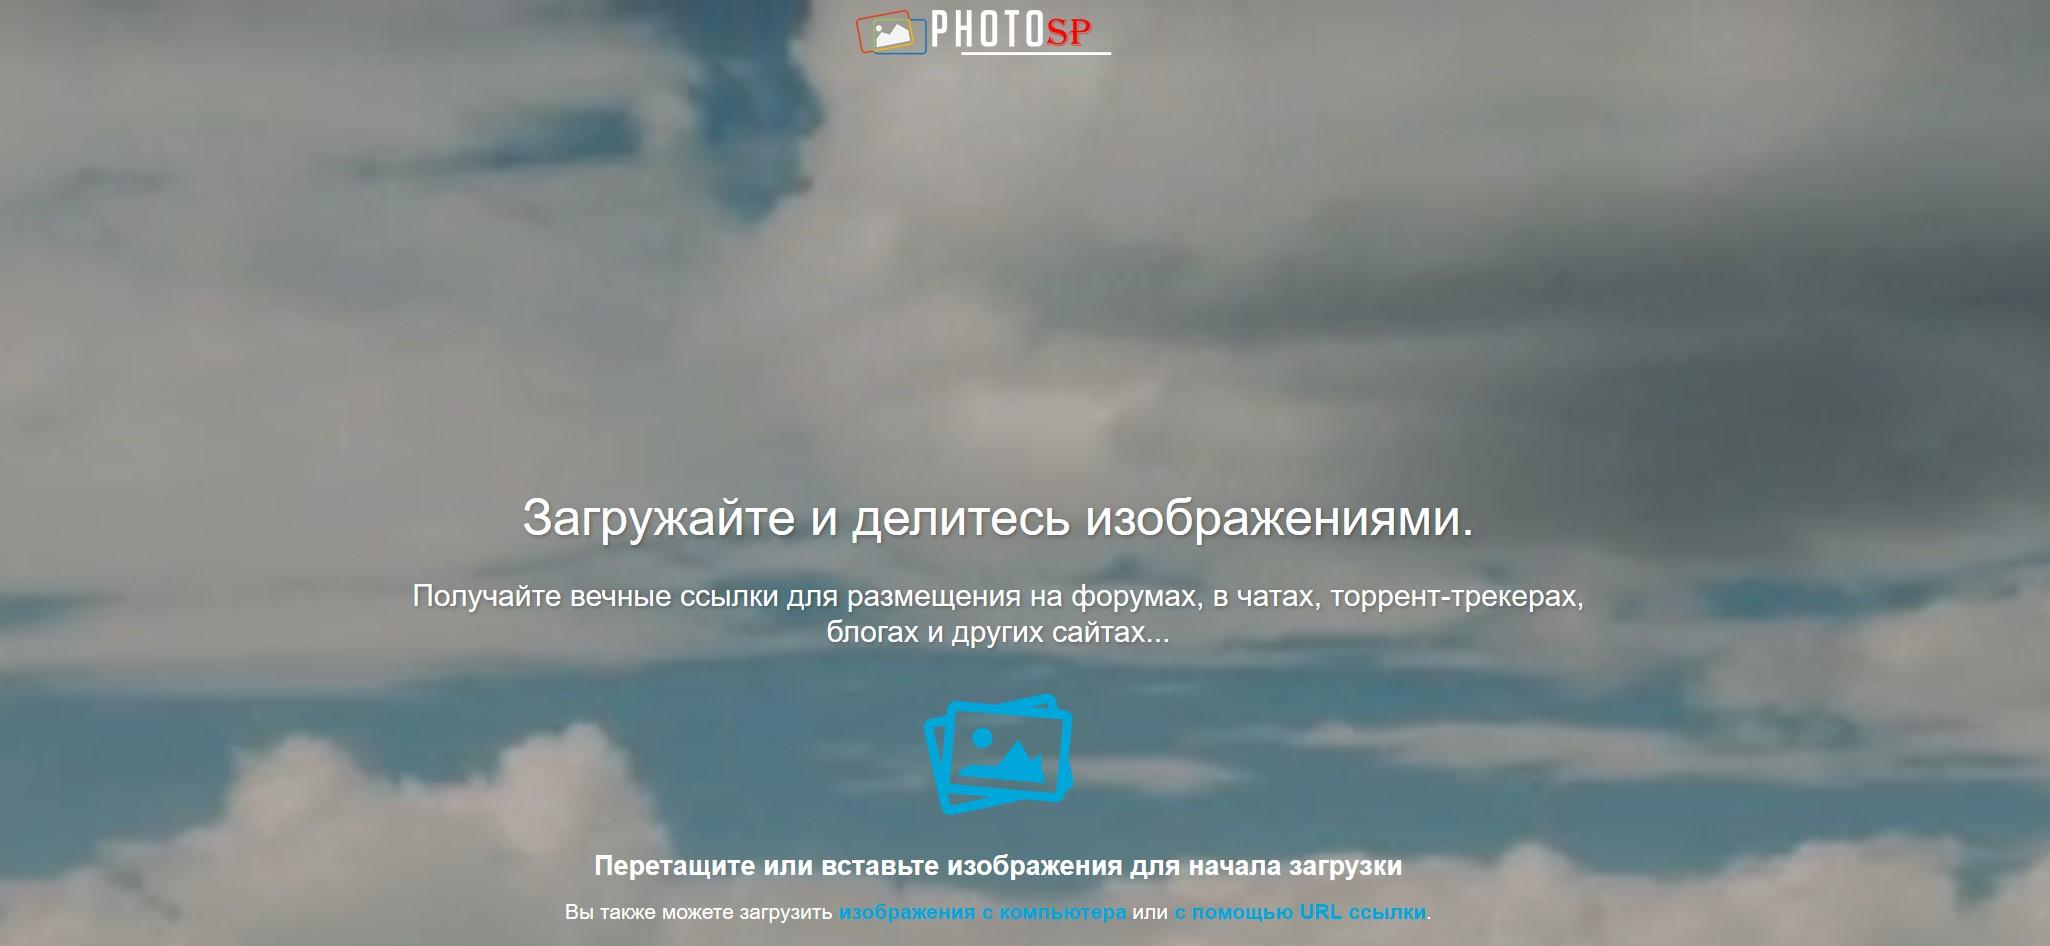 Отзывы о photosp.ru